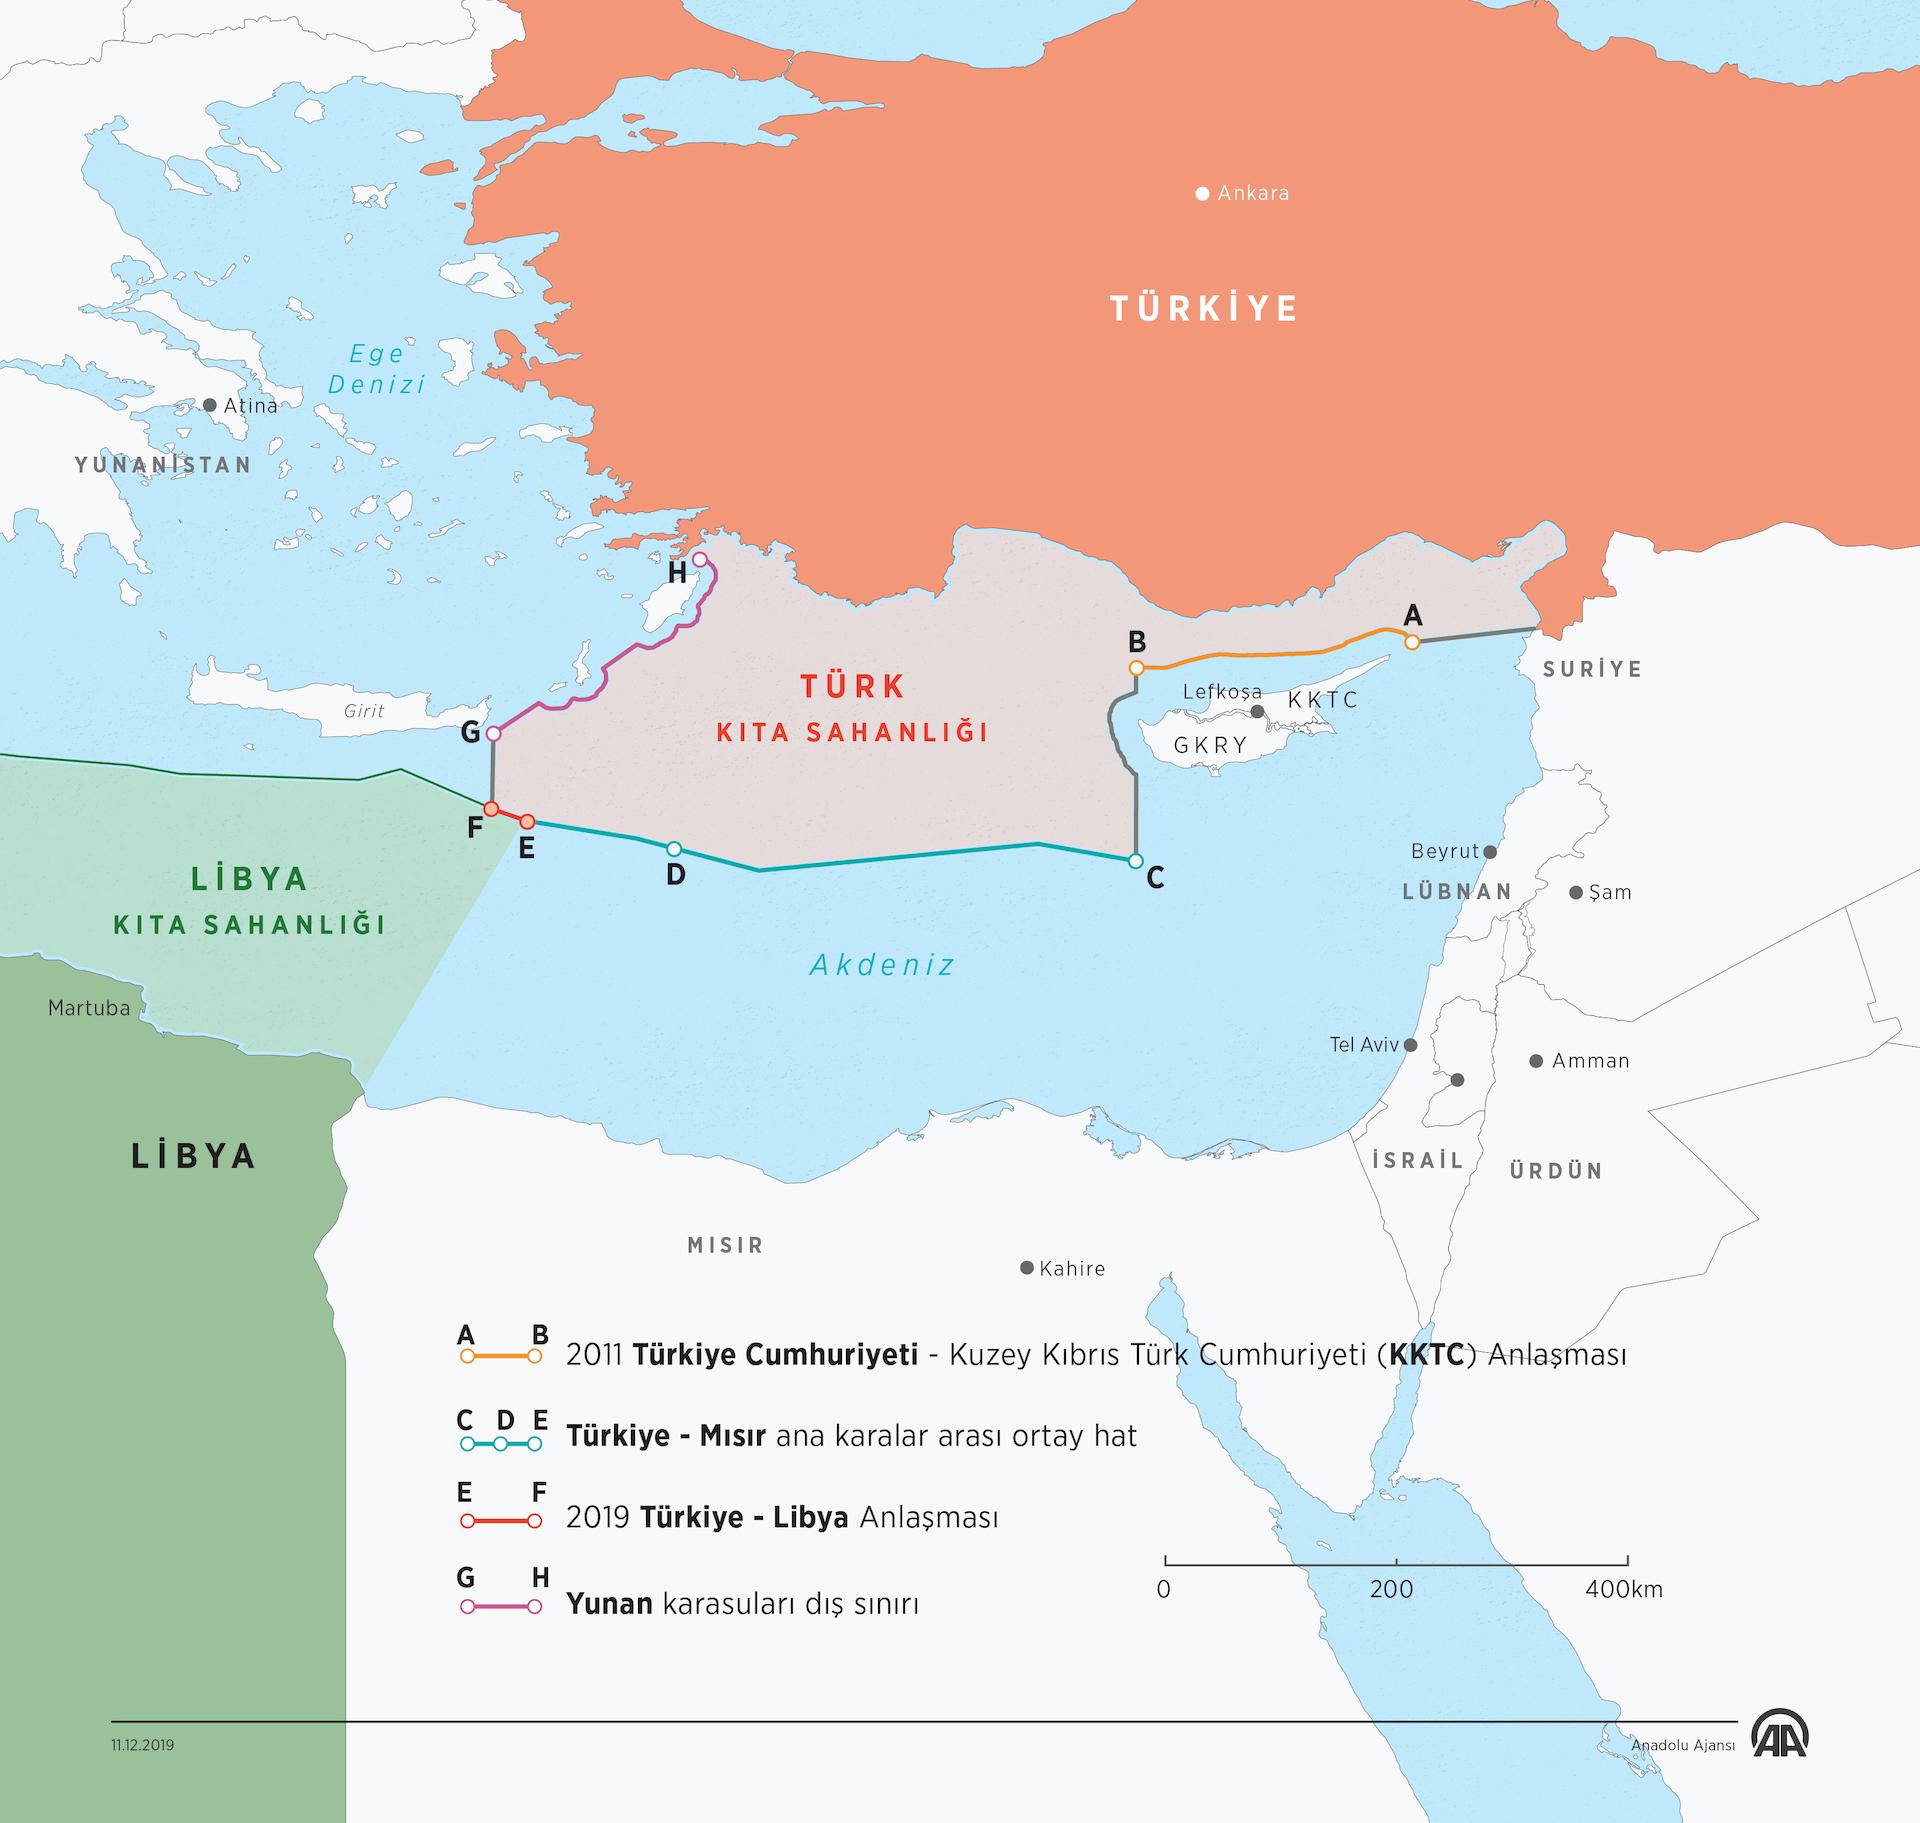 Doğu Akdeniz ve Libya (Kıta Sahanlıkları)